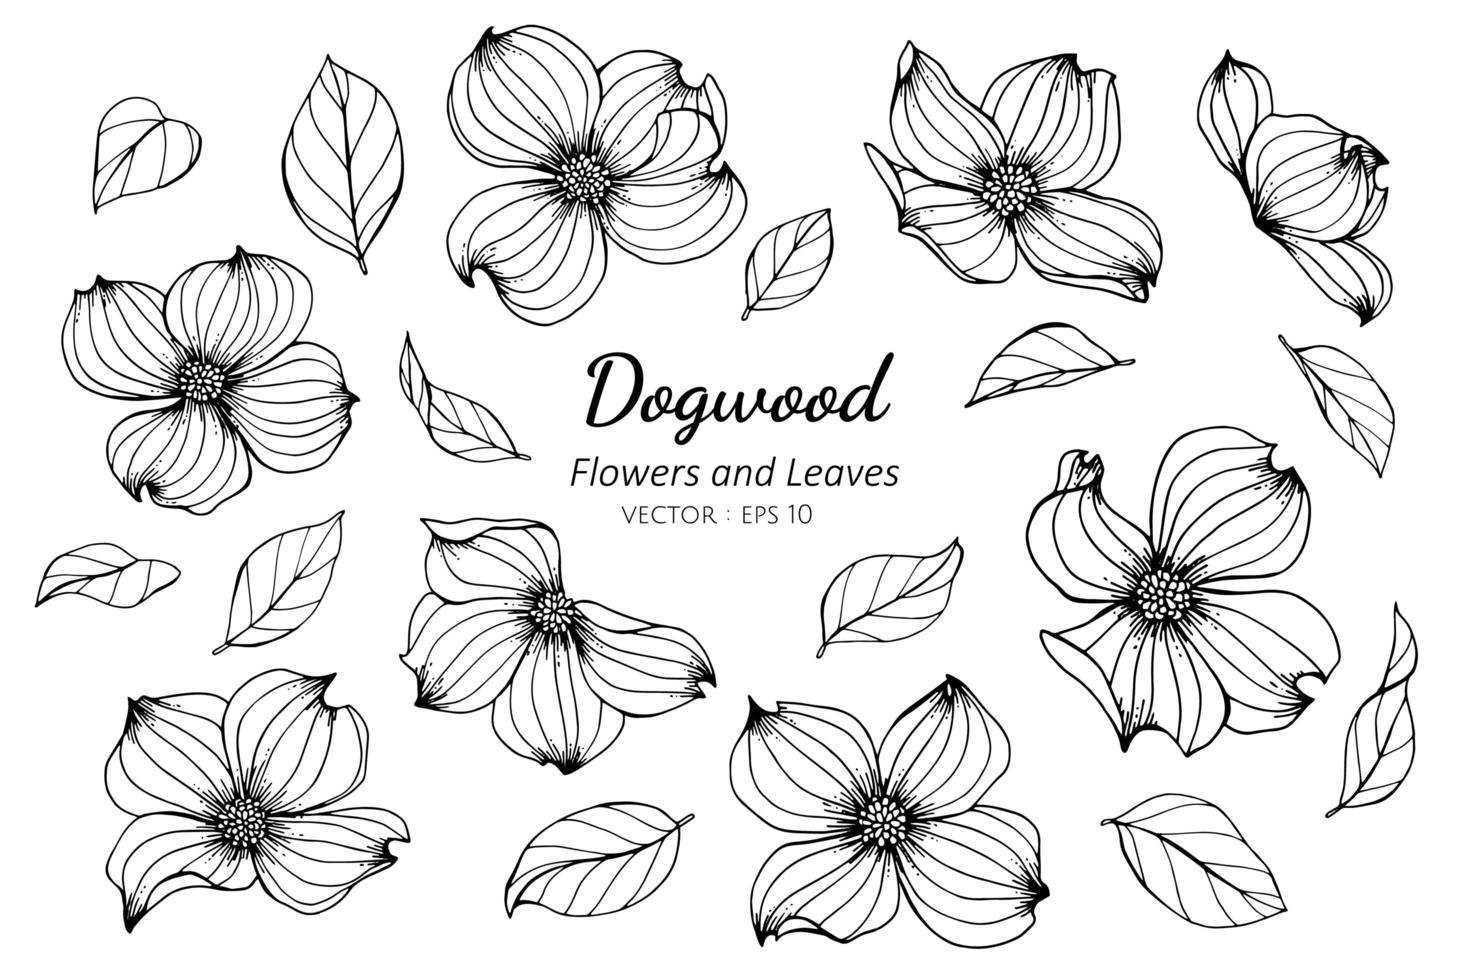 raccolta di fiori e foglie di corniolo vettore